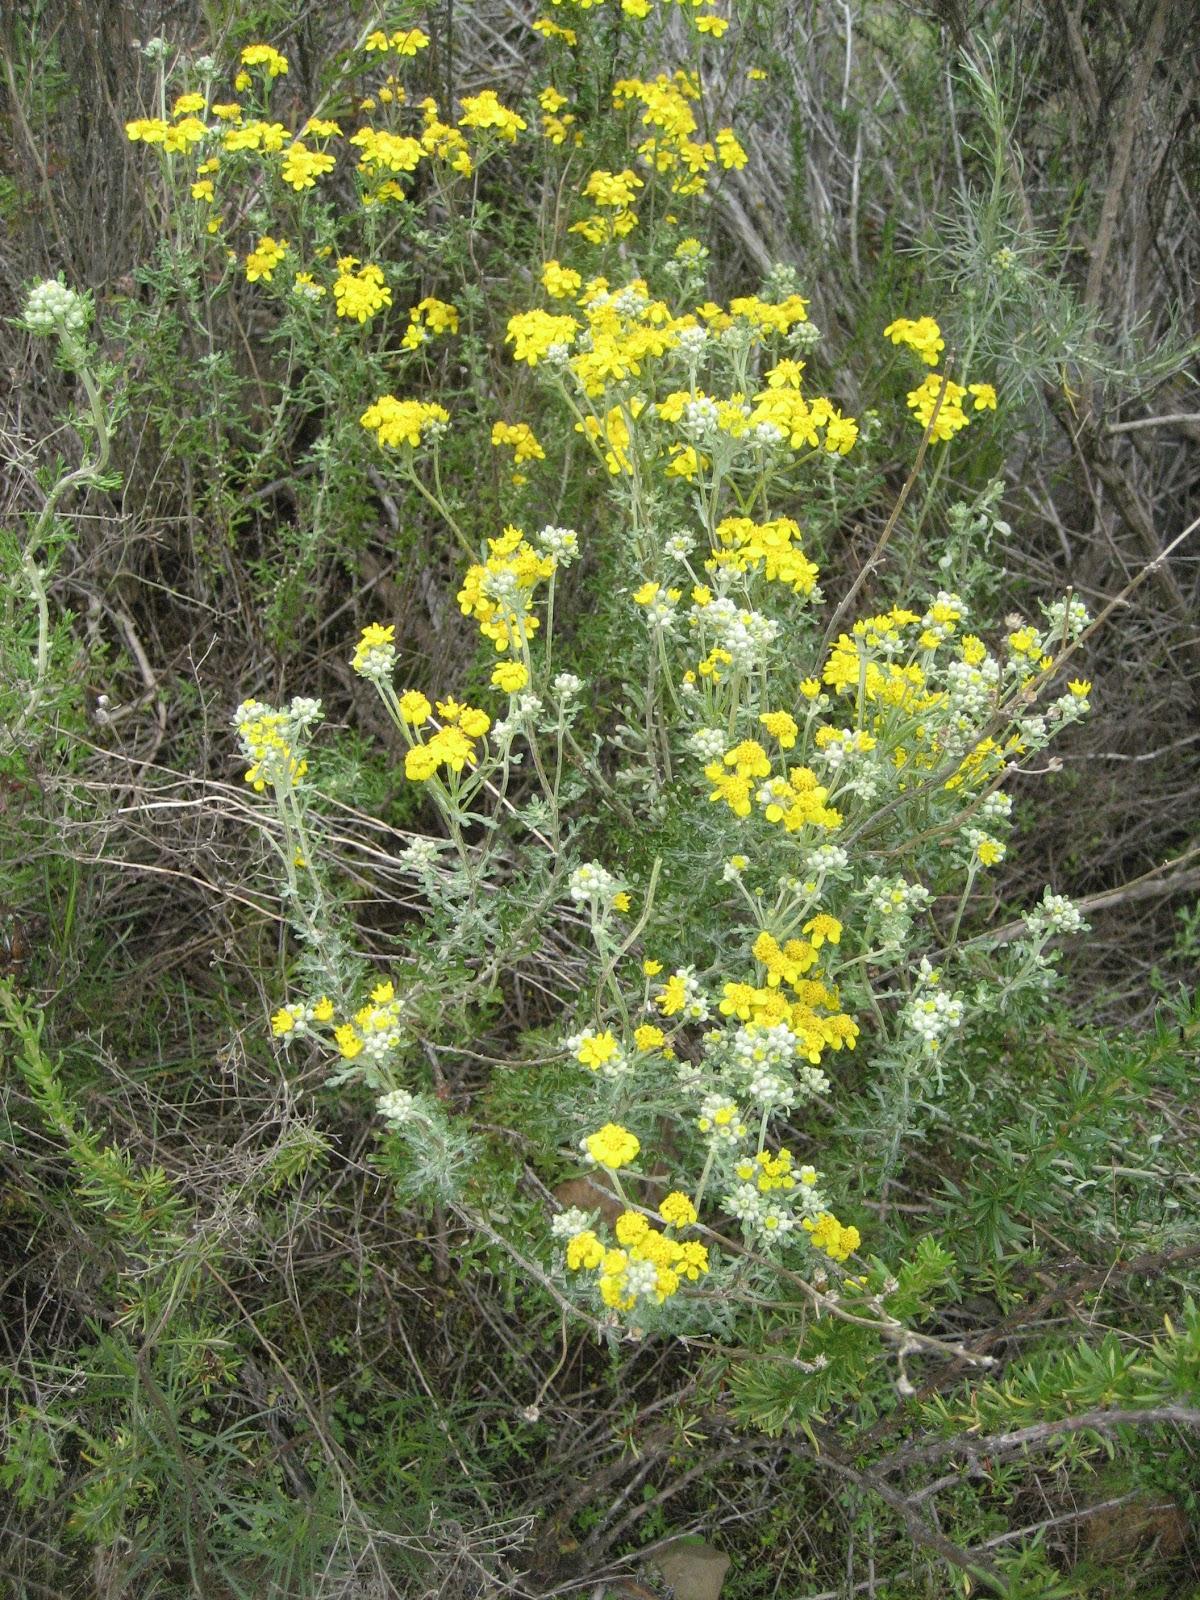 http://4.bp.blogspot.com/-aXbJSZkWIjM/TbXahYmkJLI/AAAAAAAACiI/Cbg7JLWAjHA/s1600/San+DIego+Yellow+Yarrow.JPG